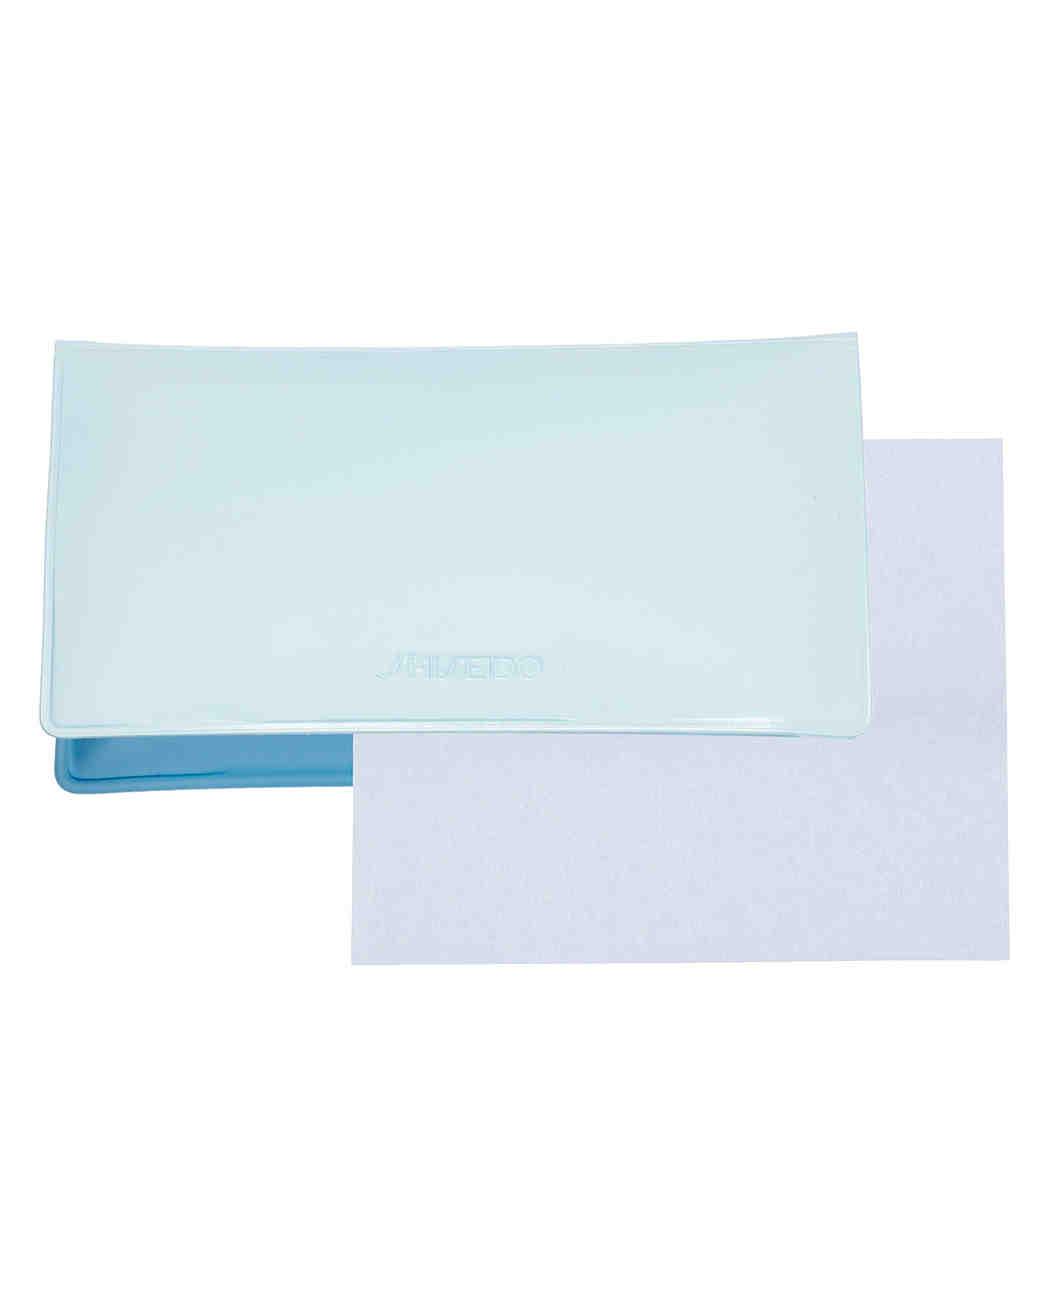 skin-glow-shiseido-pureness-blotting-paper-sephora-0815.jpg